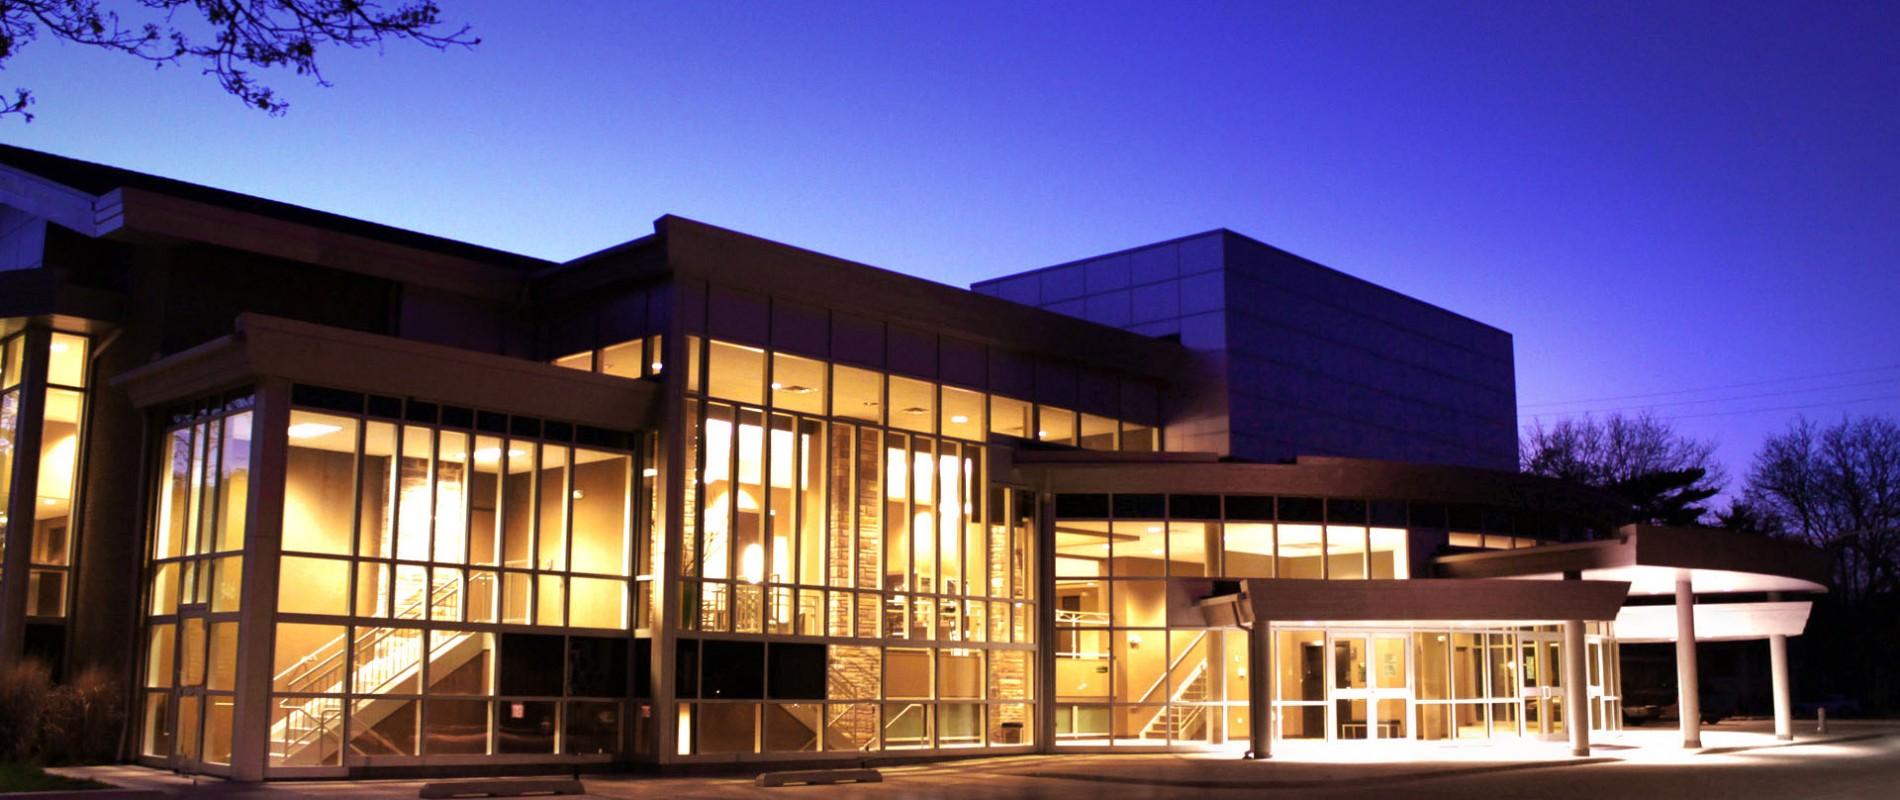 Modern Church Addition Architectural Design